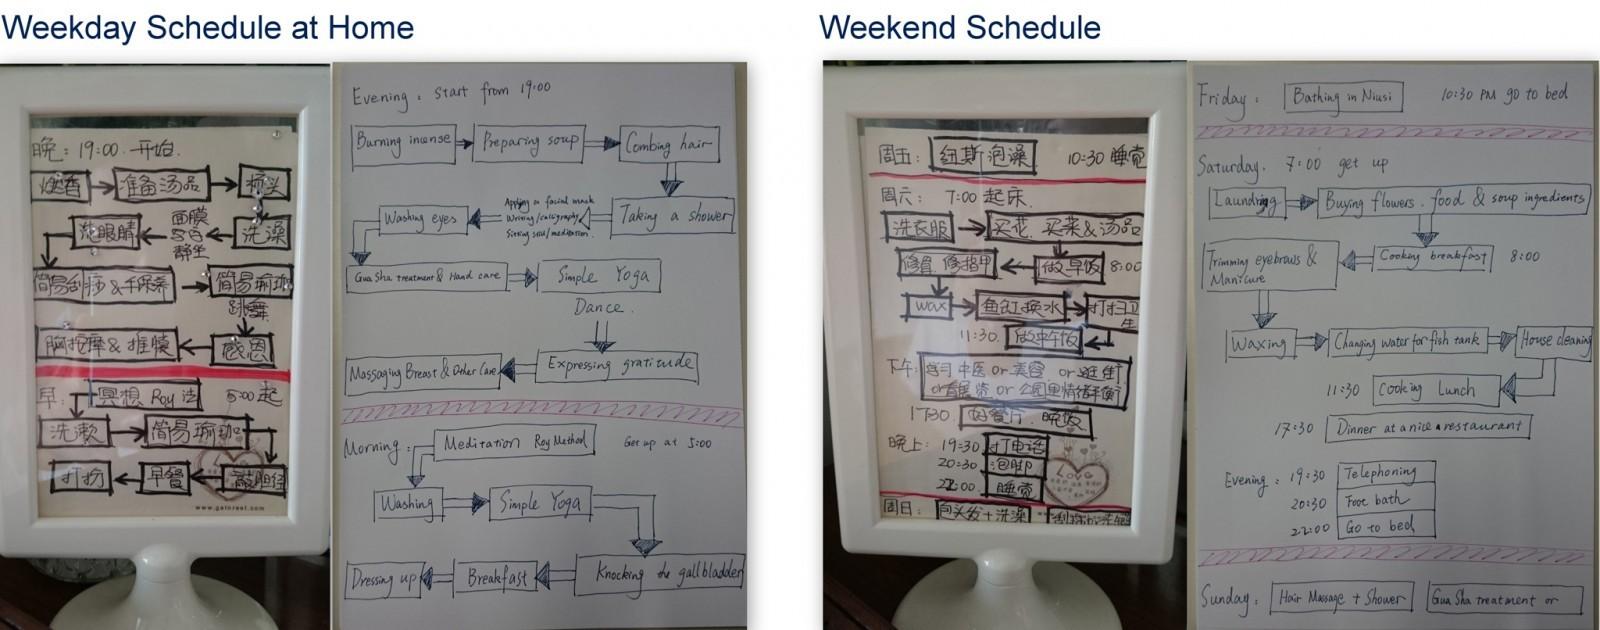 Lan Ting Schedules2048